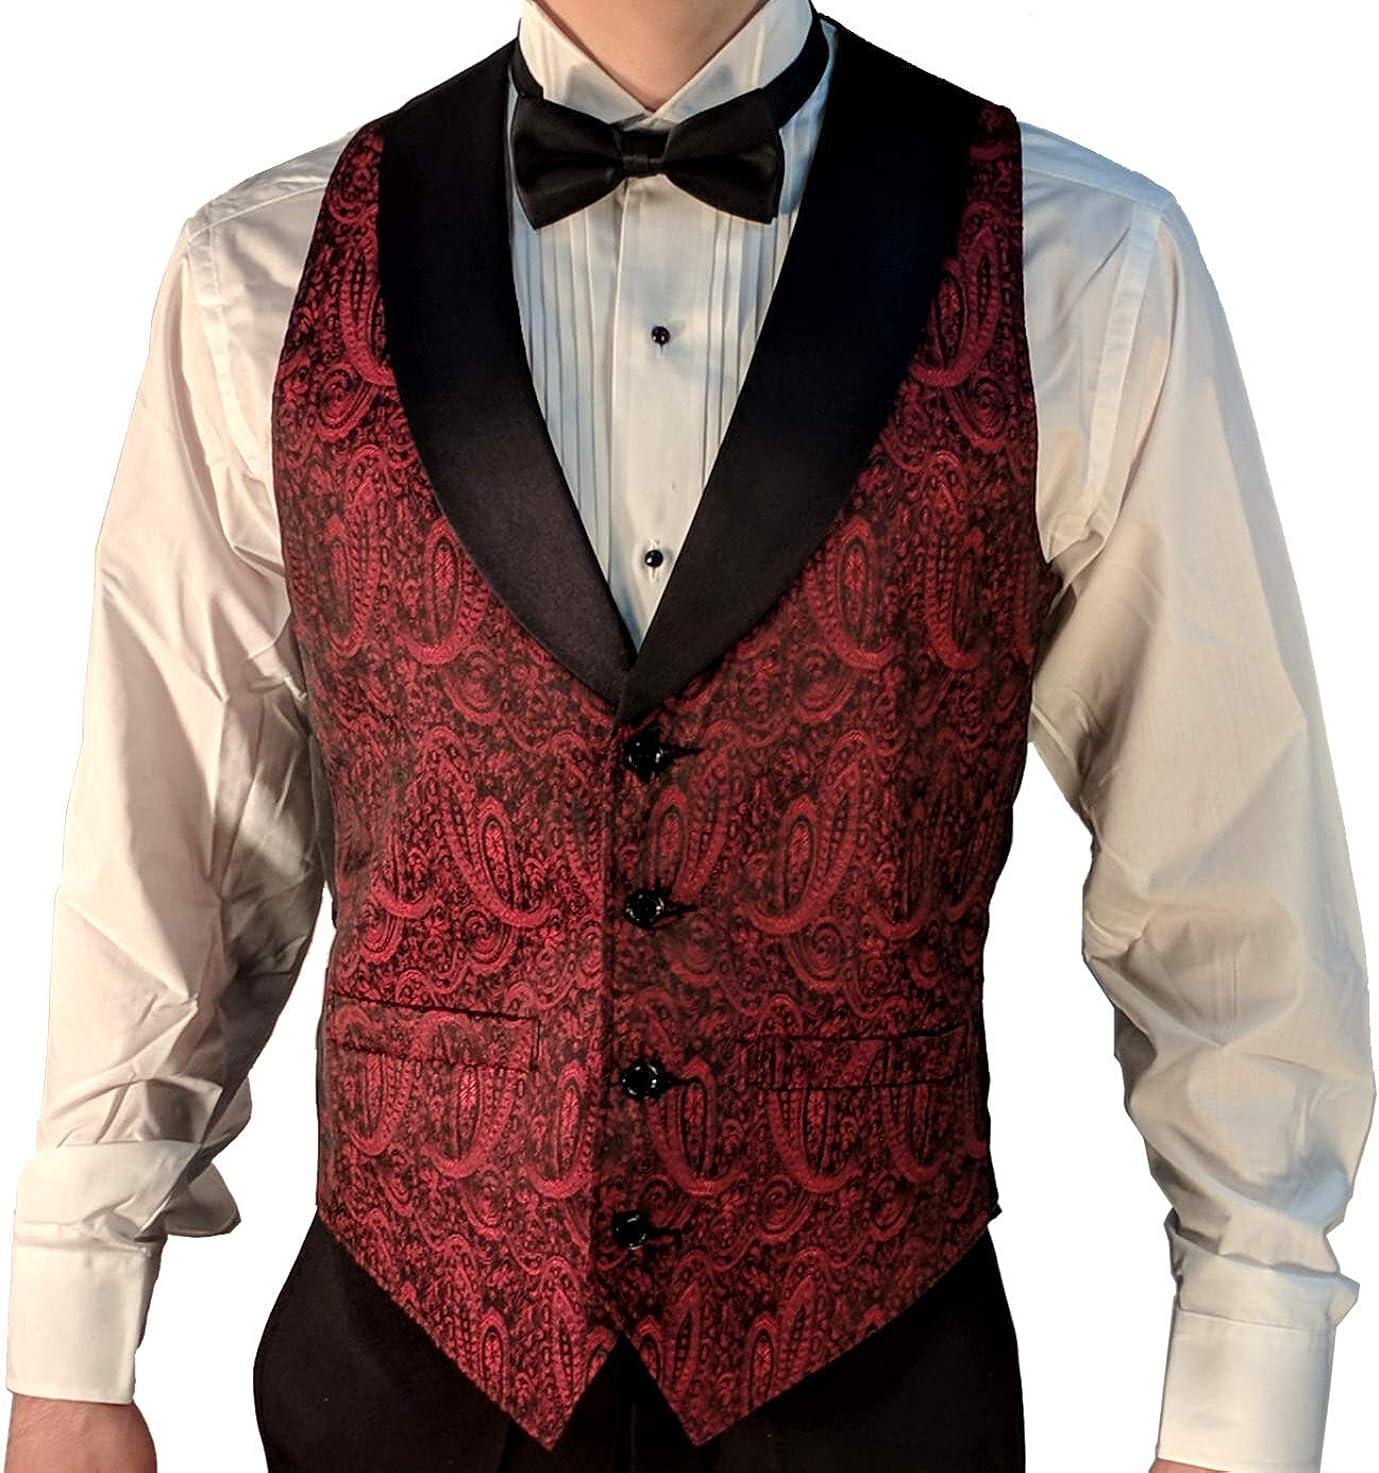 Mens Formal Tuxedo Vest /& Bow-Tie Set in Burgundy Paisley